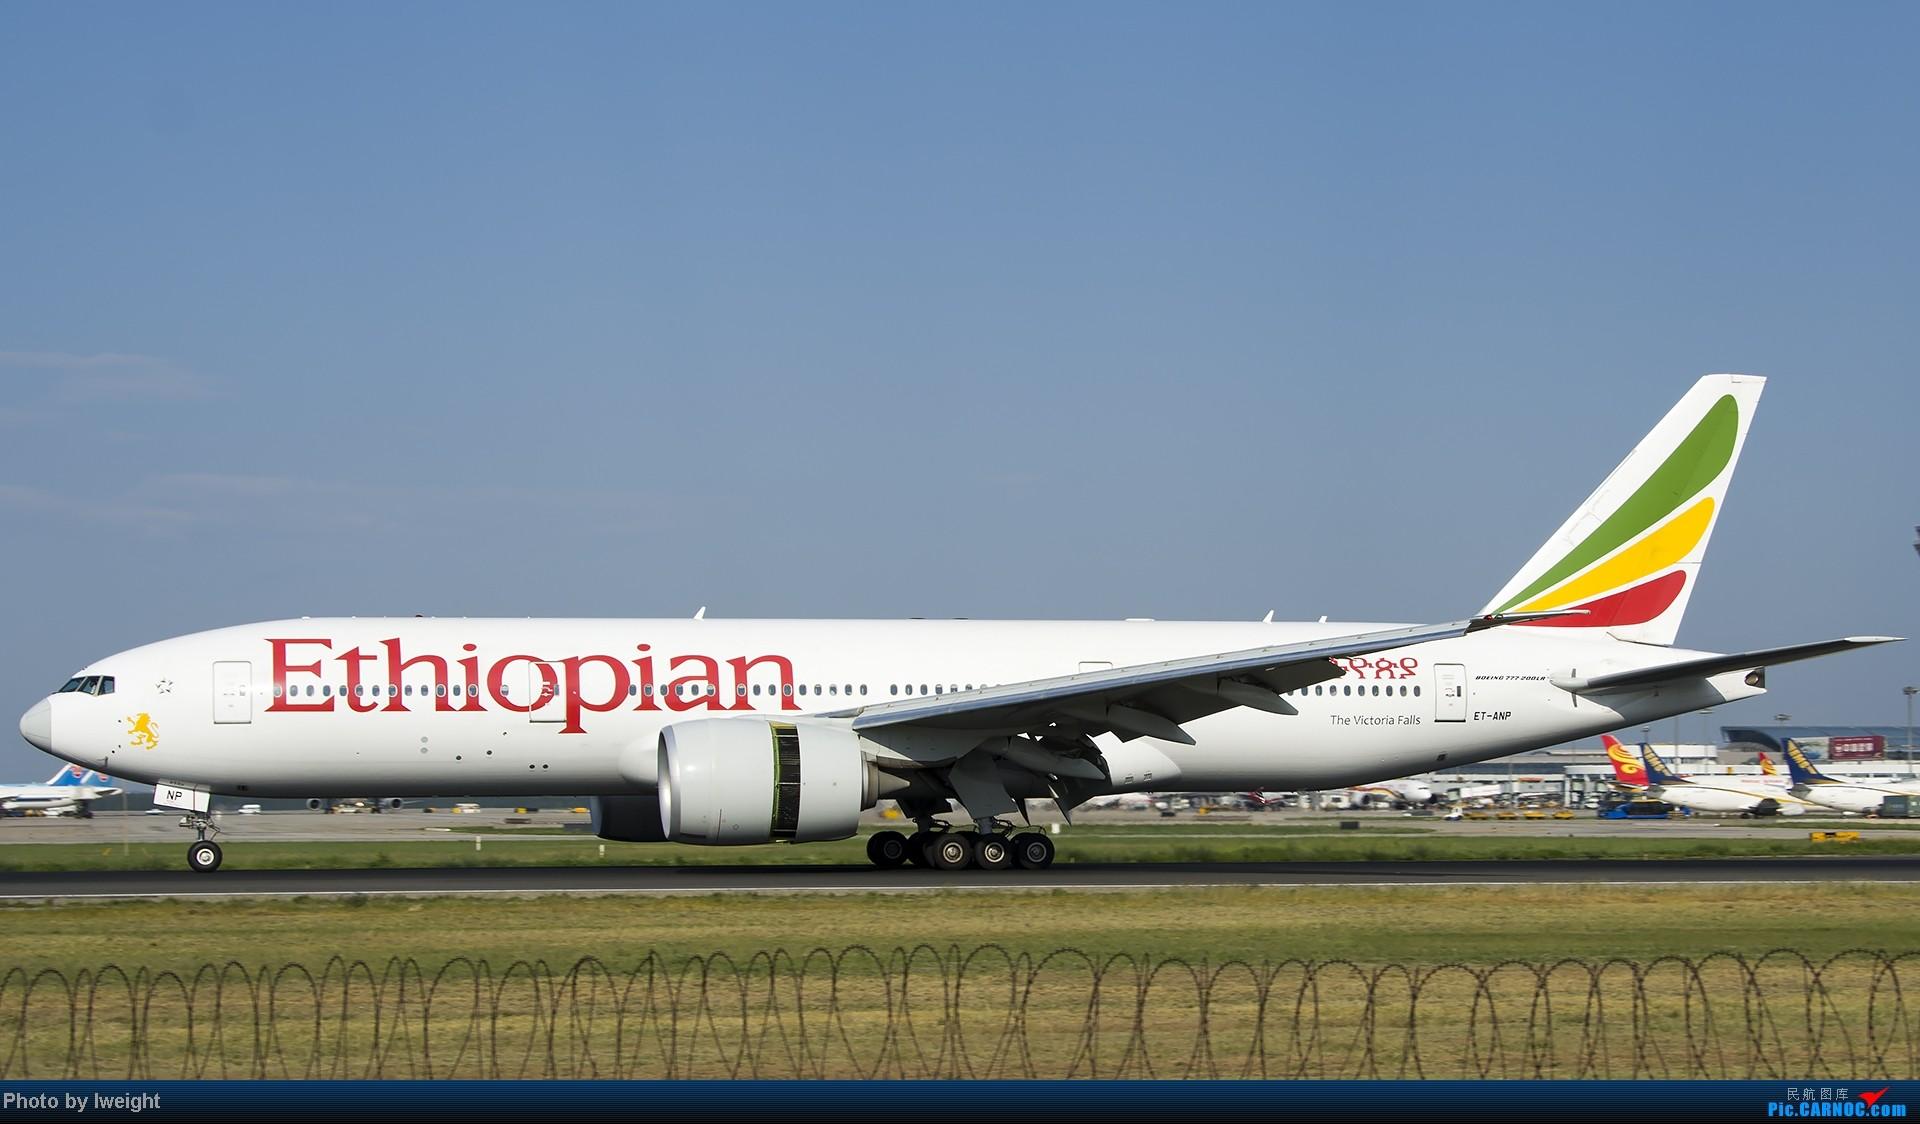 Re:[原创]酷暑周末拍遍PEK三条跑道,收获众多常见机型 BOEING 777-200 ET-ANP 中国北京首都机场